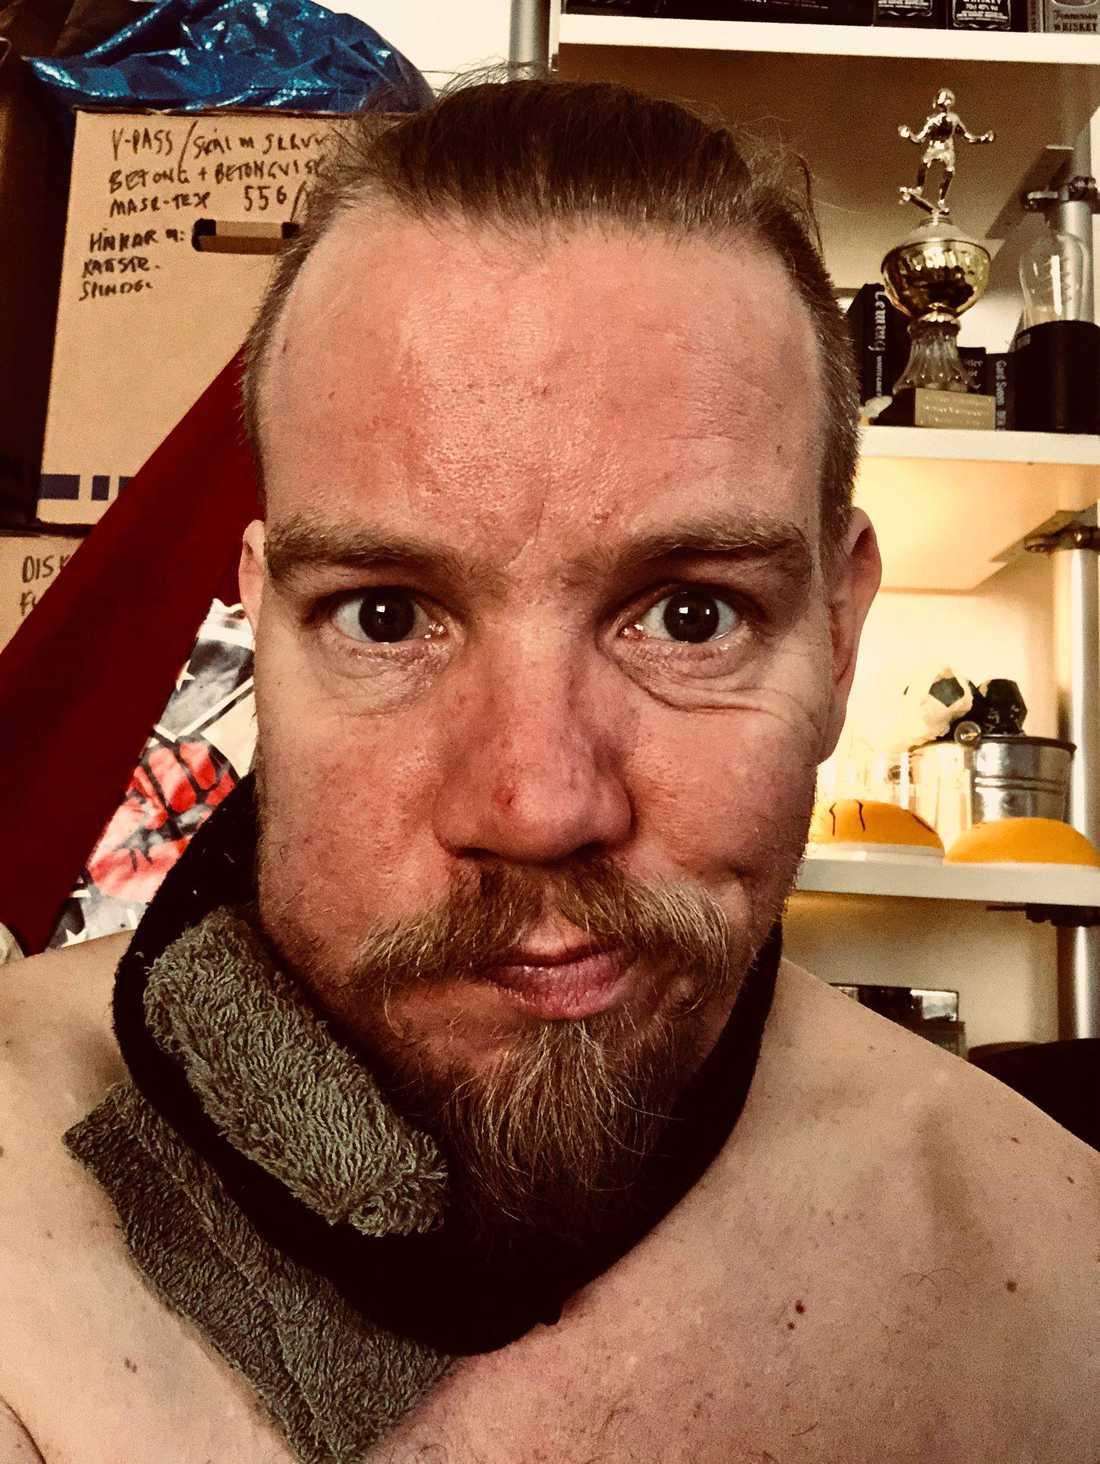 Martin visar upp det sargade ansiktet på sin Facebooksida.